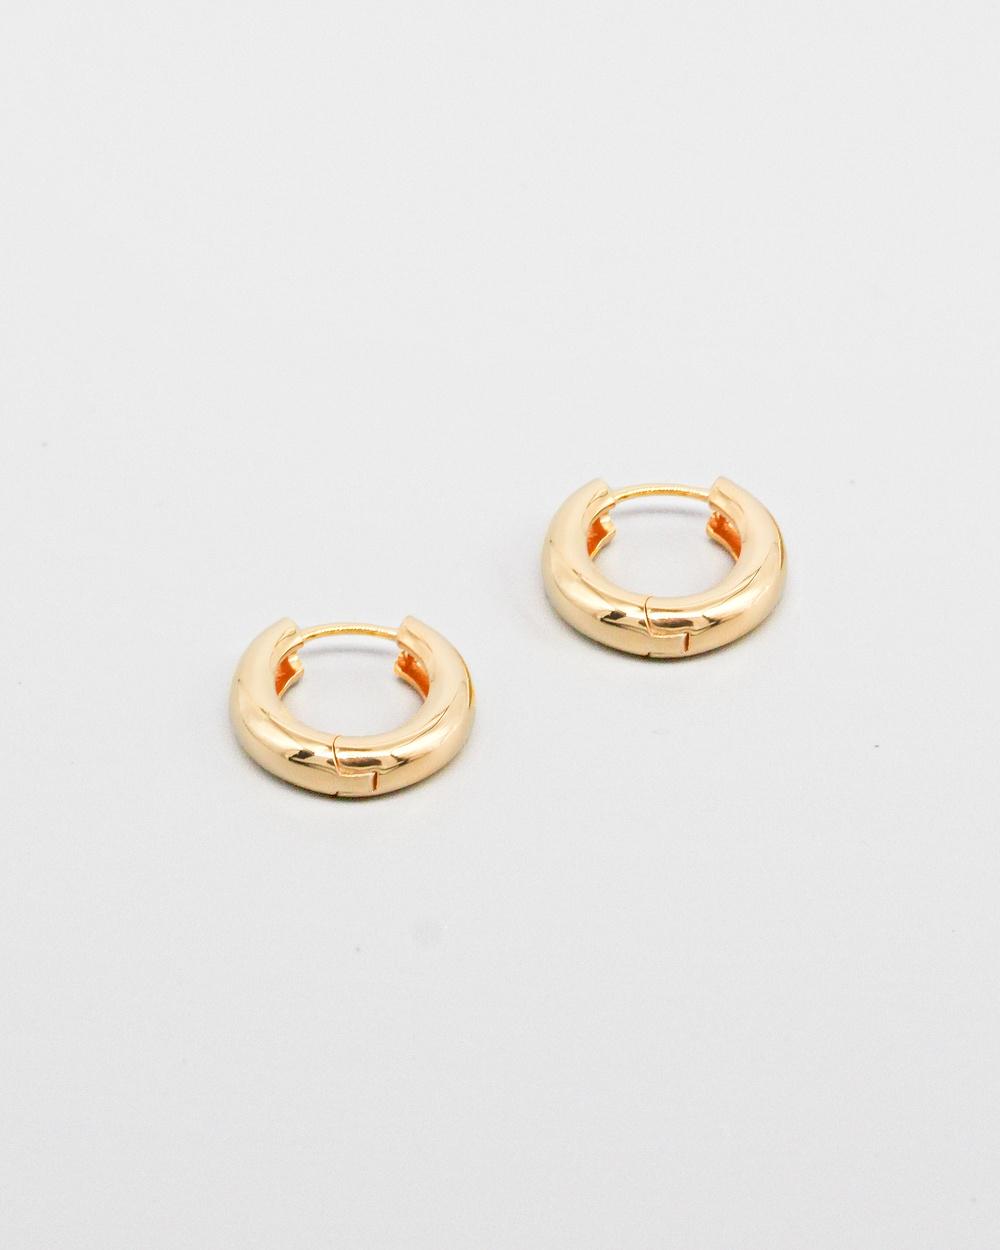 Brie Leon 925 Everyday Mini Hoop Earrings Jewellery Gold